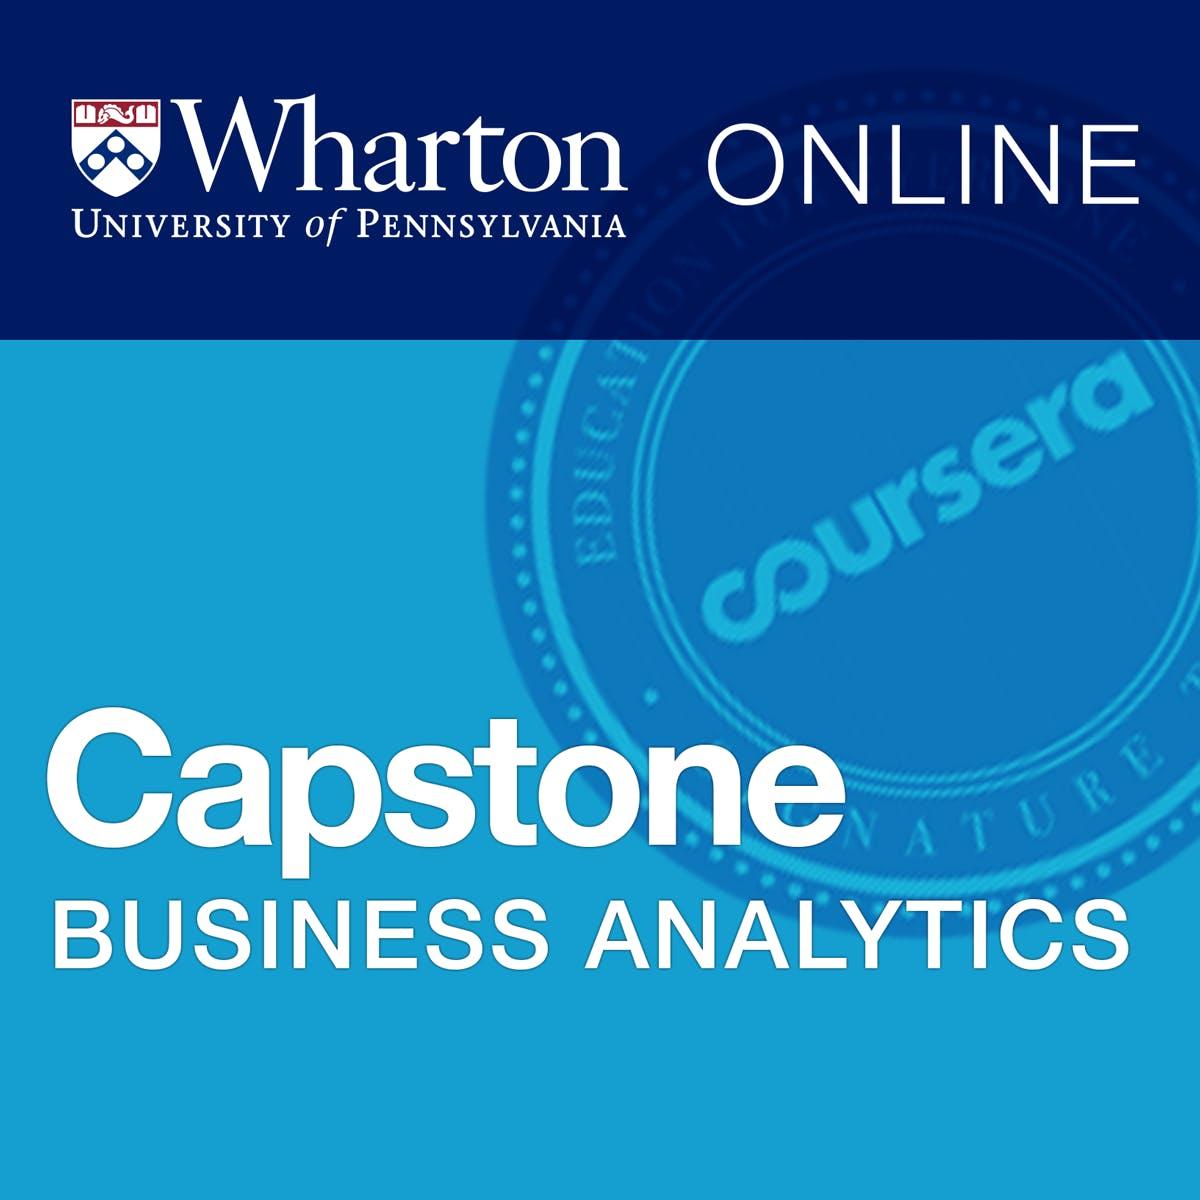 Business Analytics Capstone